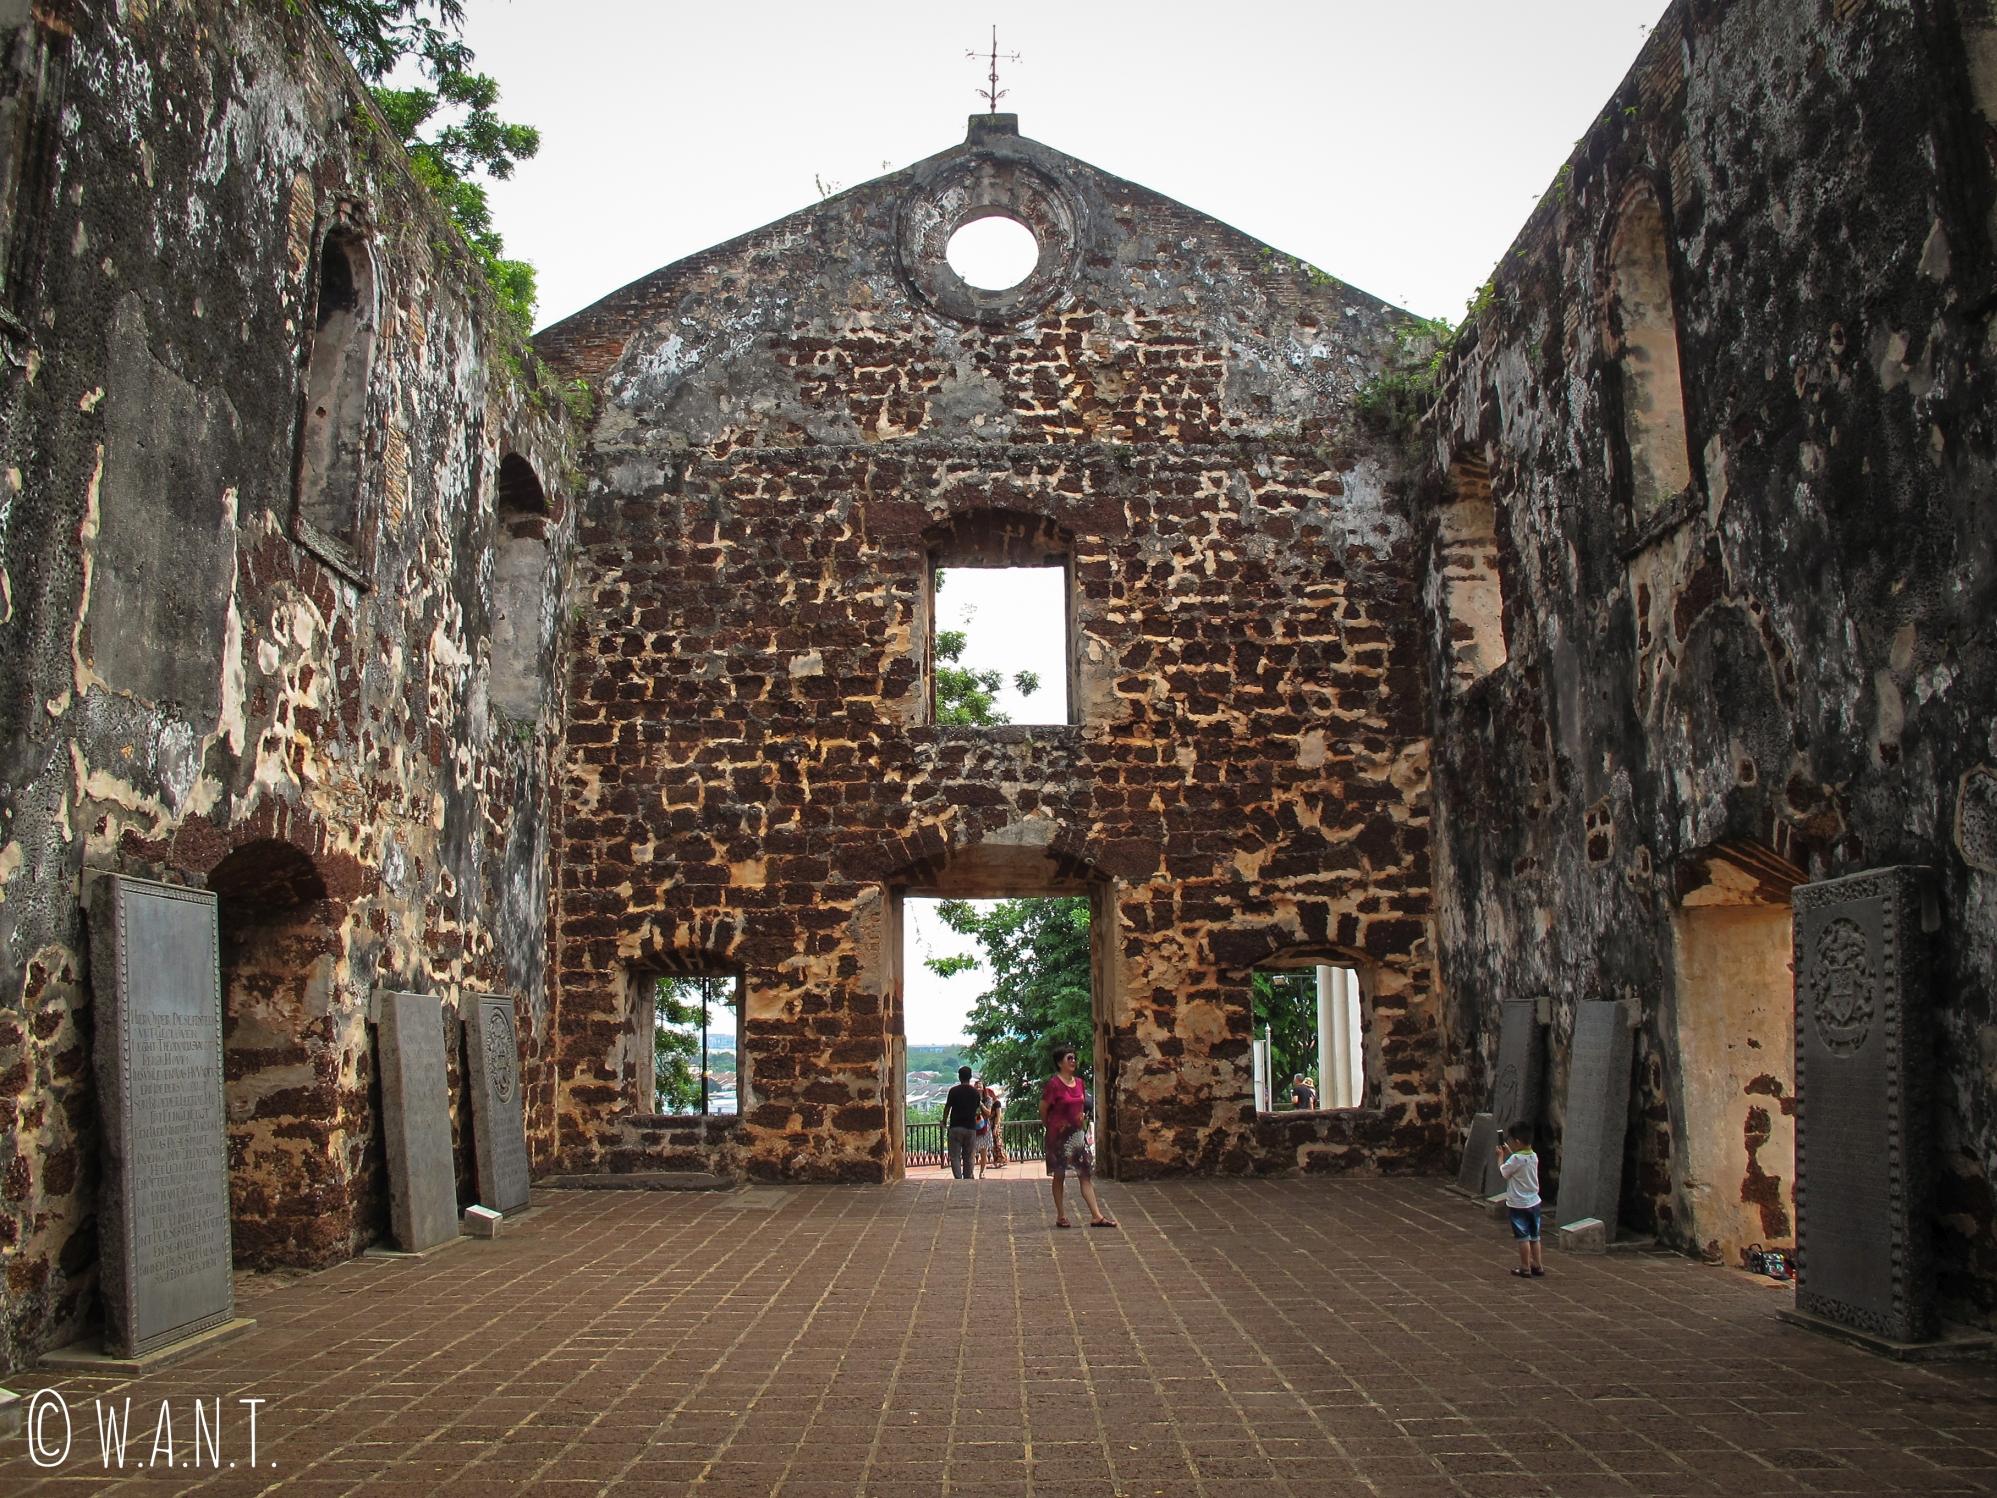 L'église St Paul n'a plus de toit et domine la ville depuis la colline éponyme